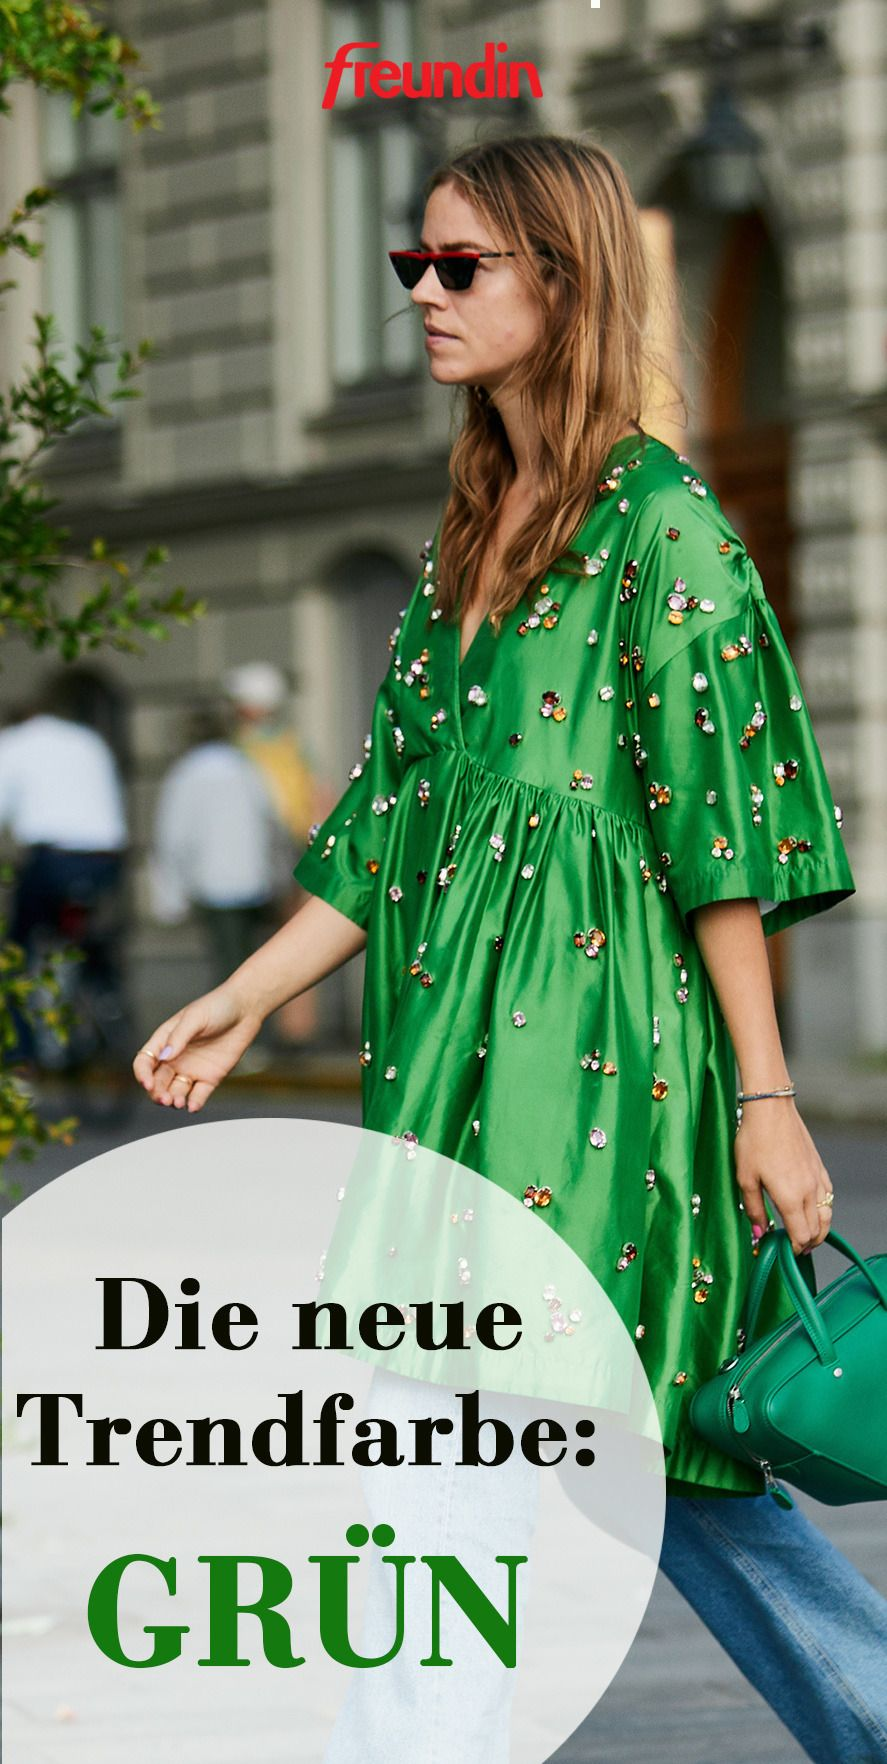 die neue trendfarbe für den herbst heißt grün | freundin.de